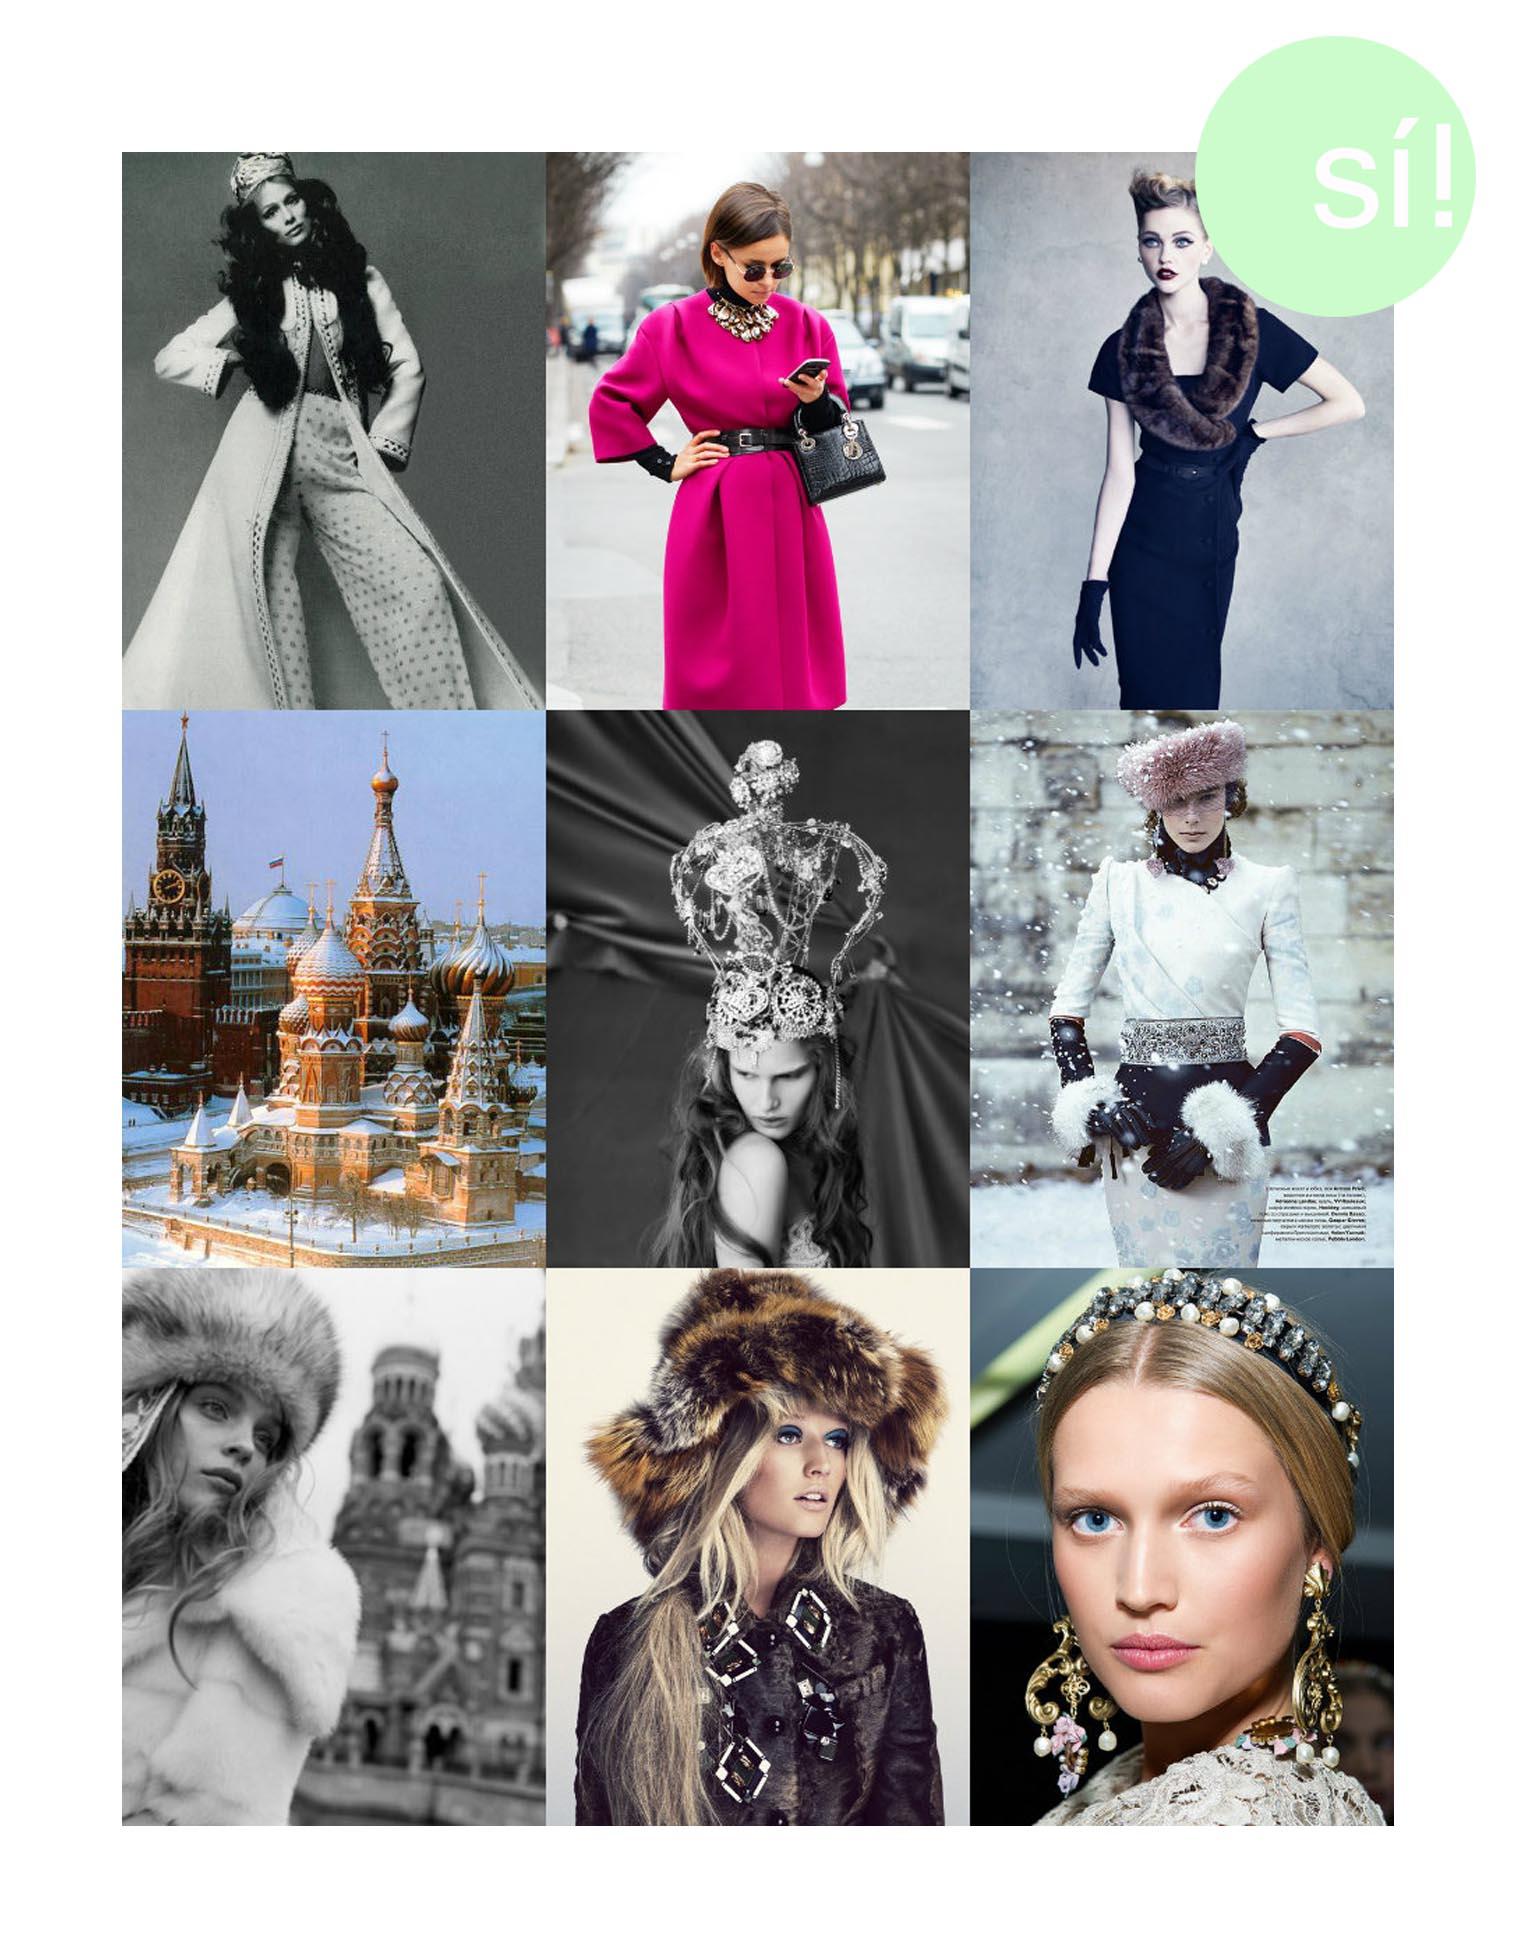 4 formas de conocer mujeres rusas y ucranianas - wikiHow